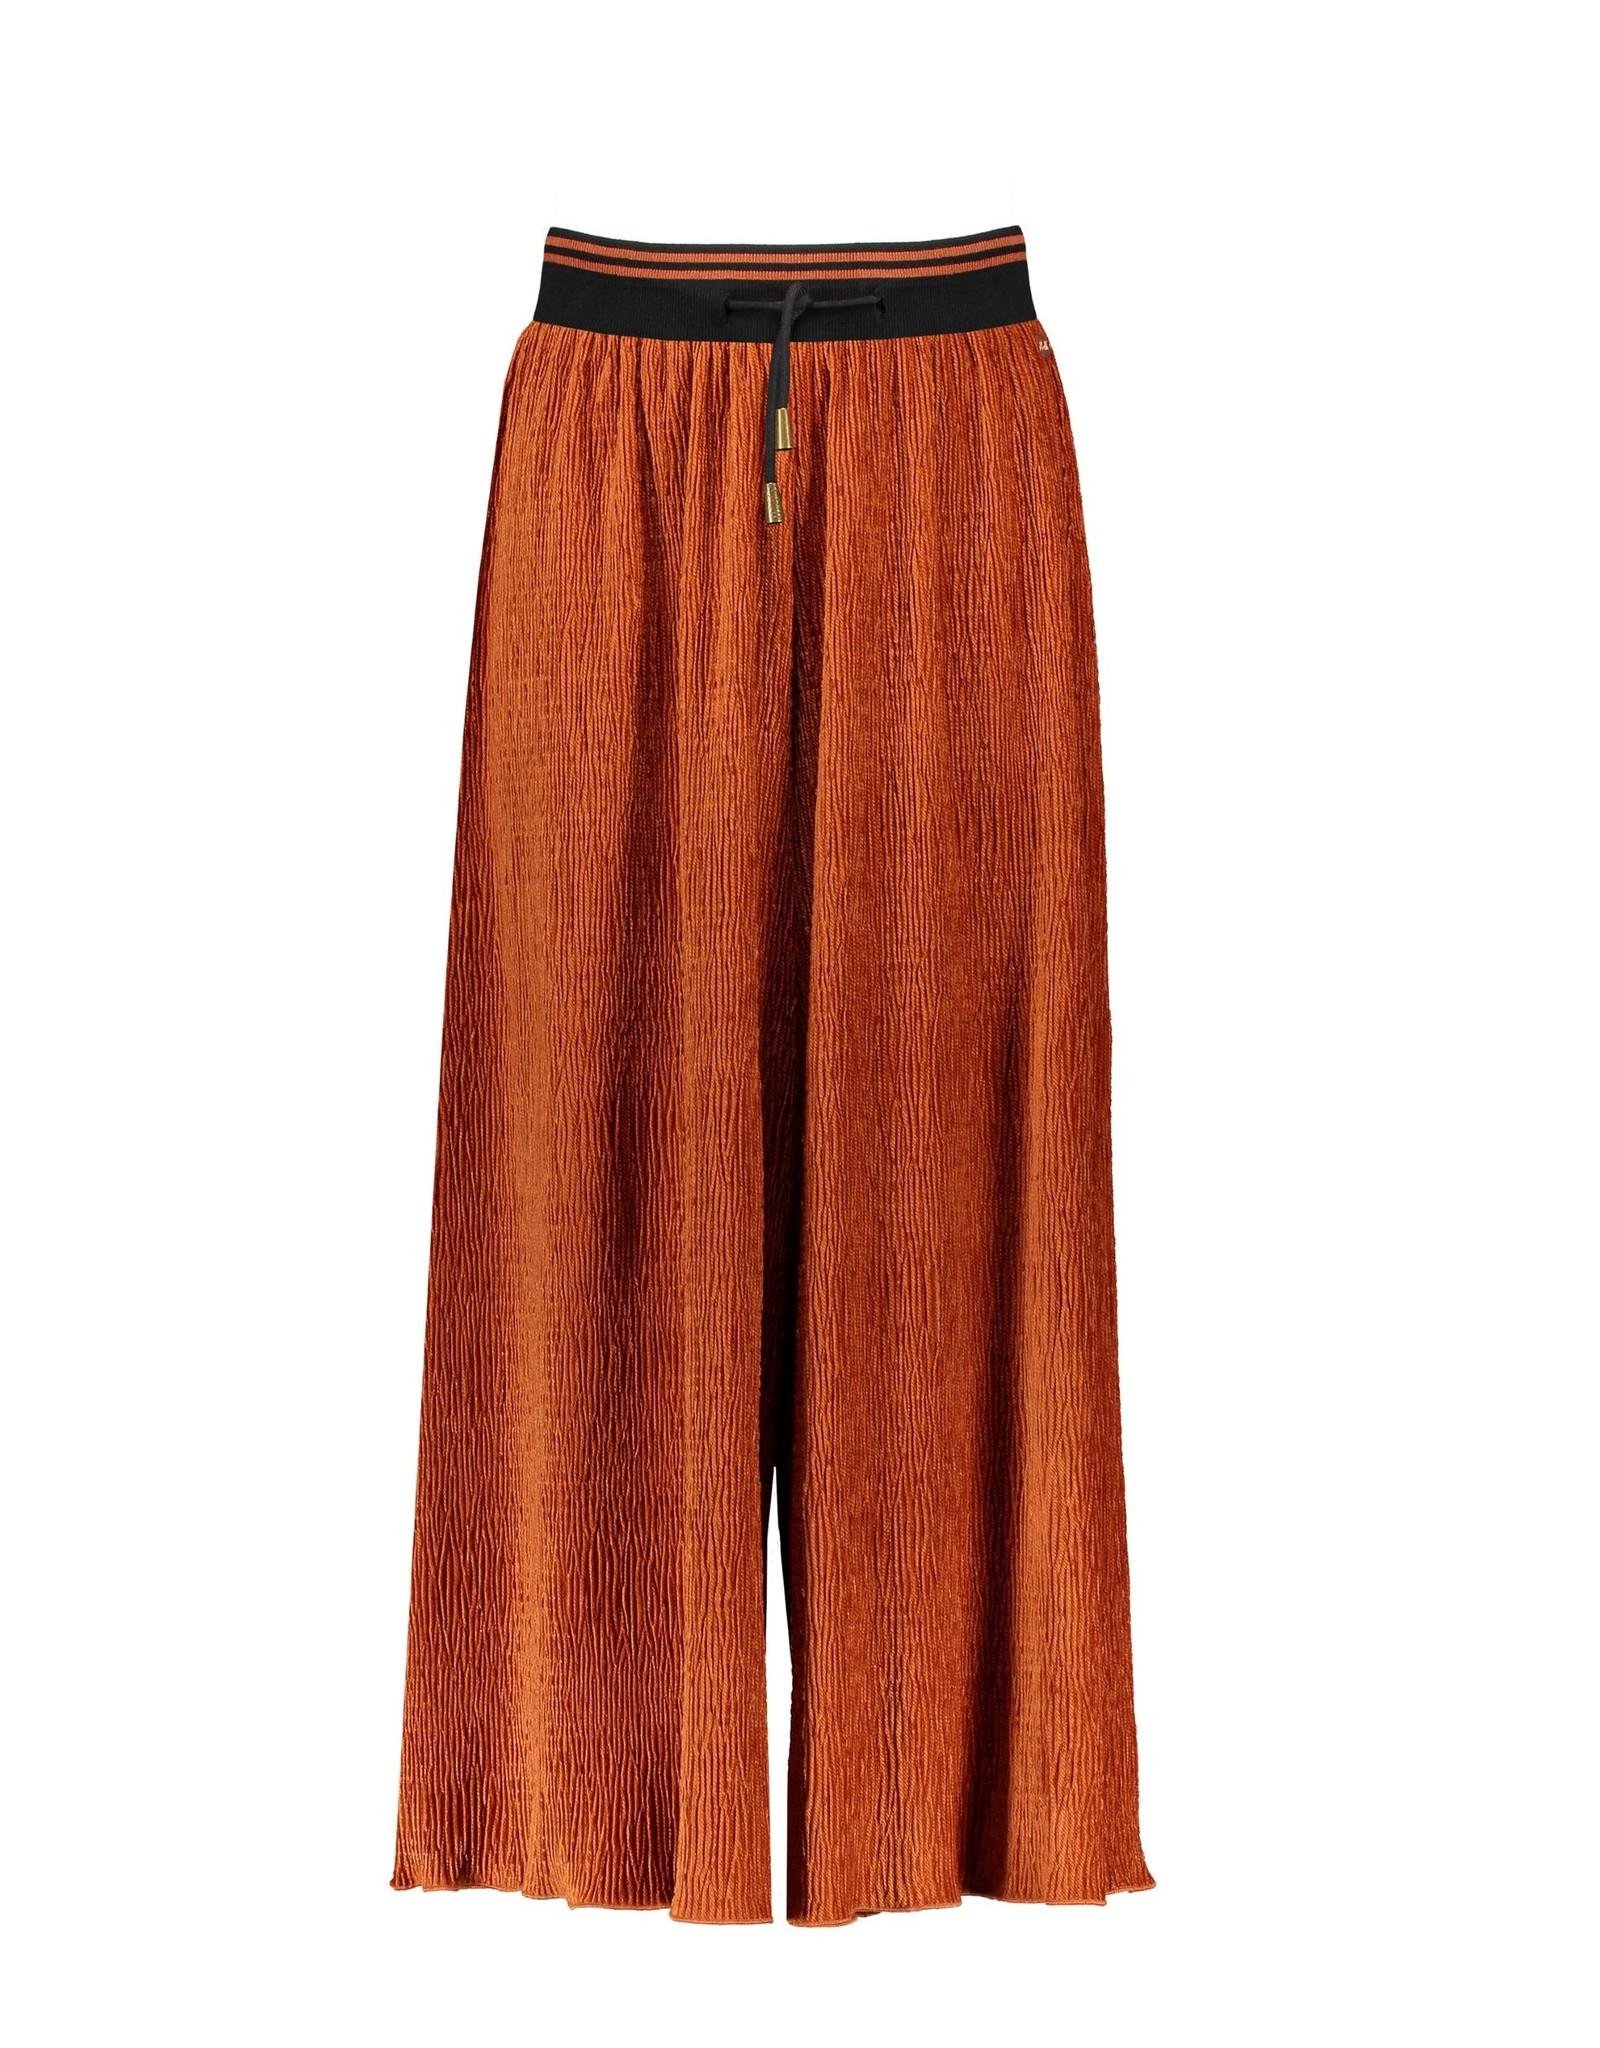 NoBell NoBell velvet culotte pants 3606 piment